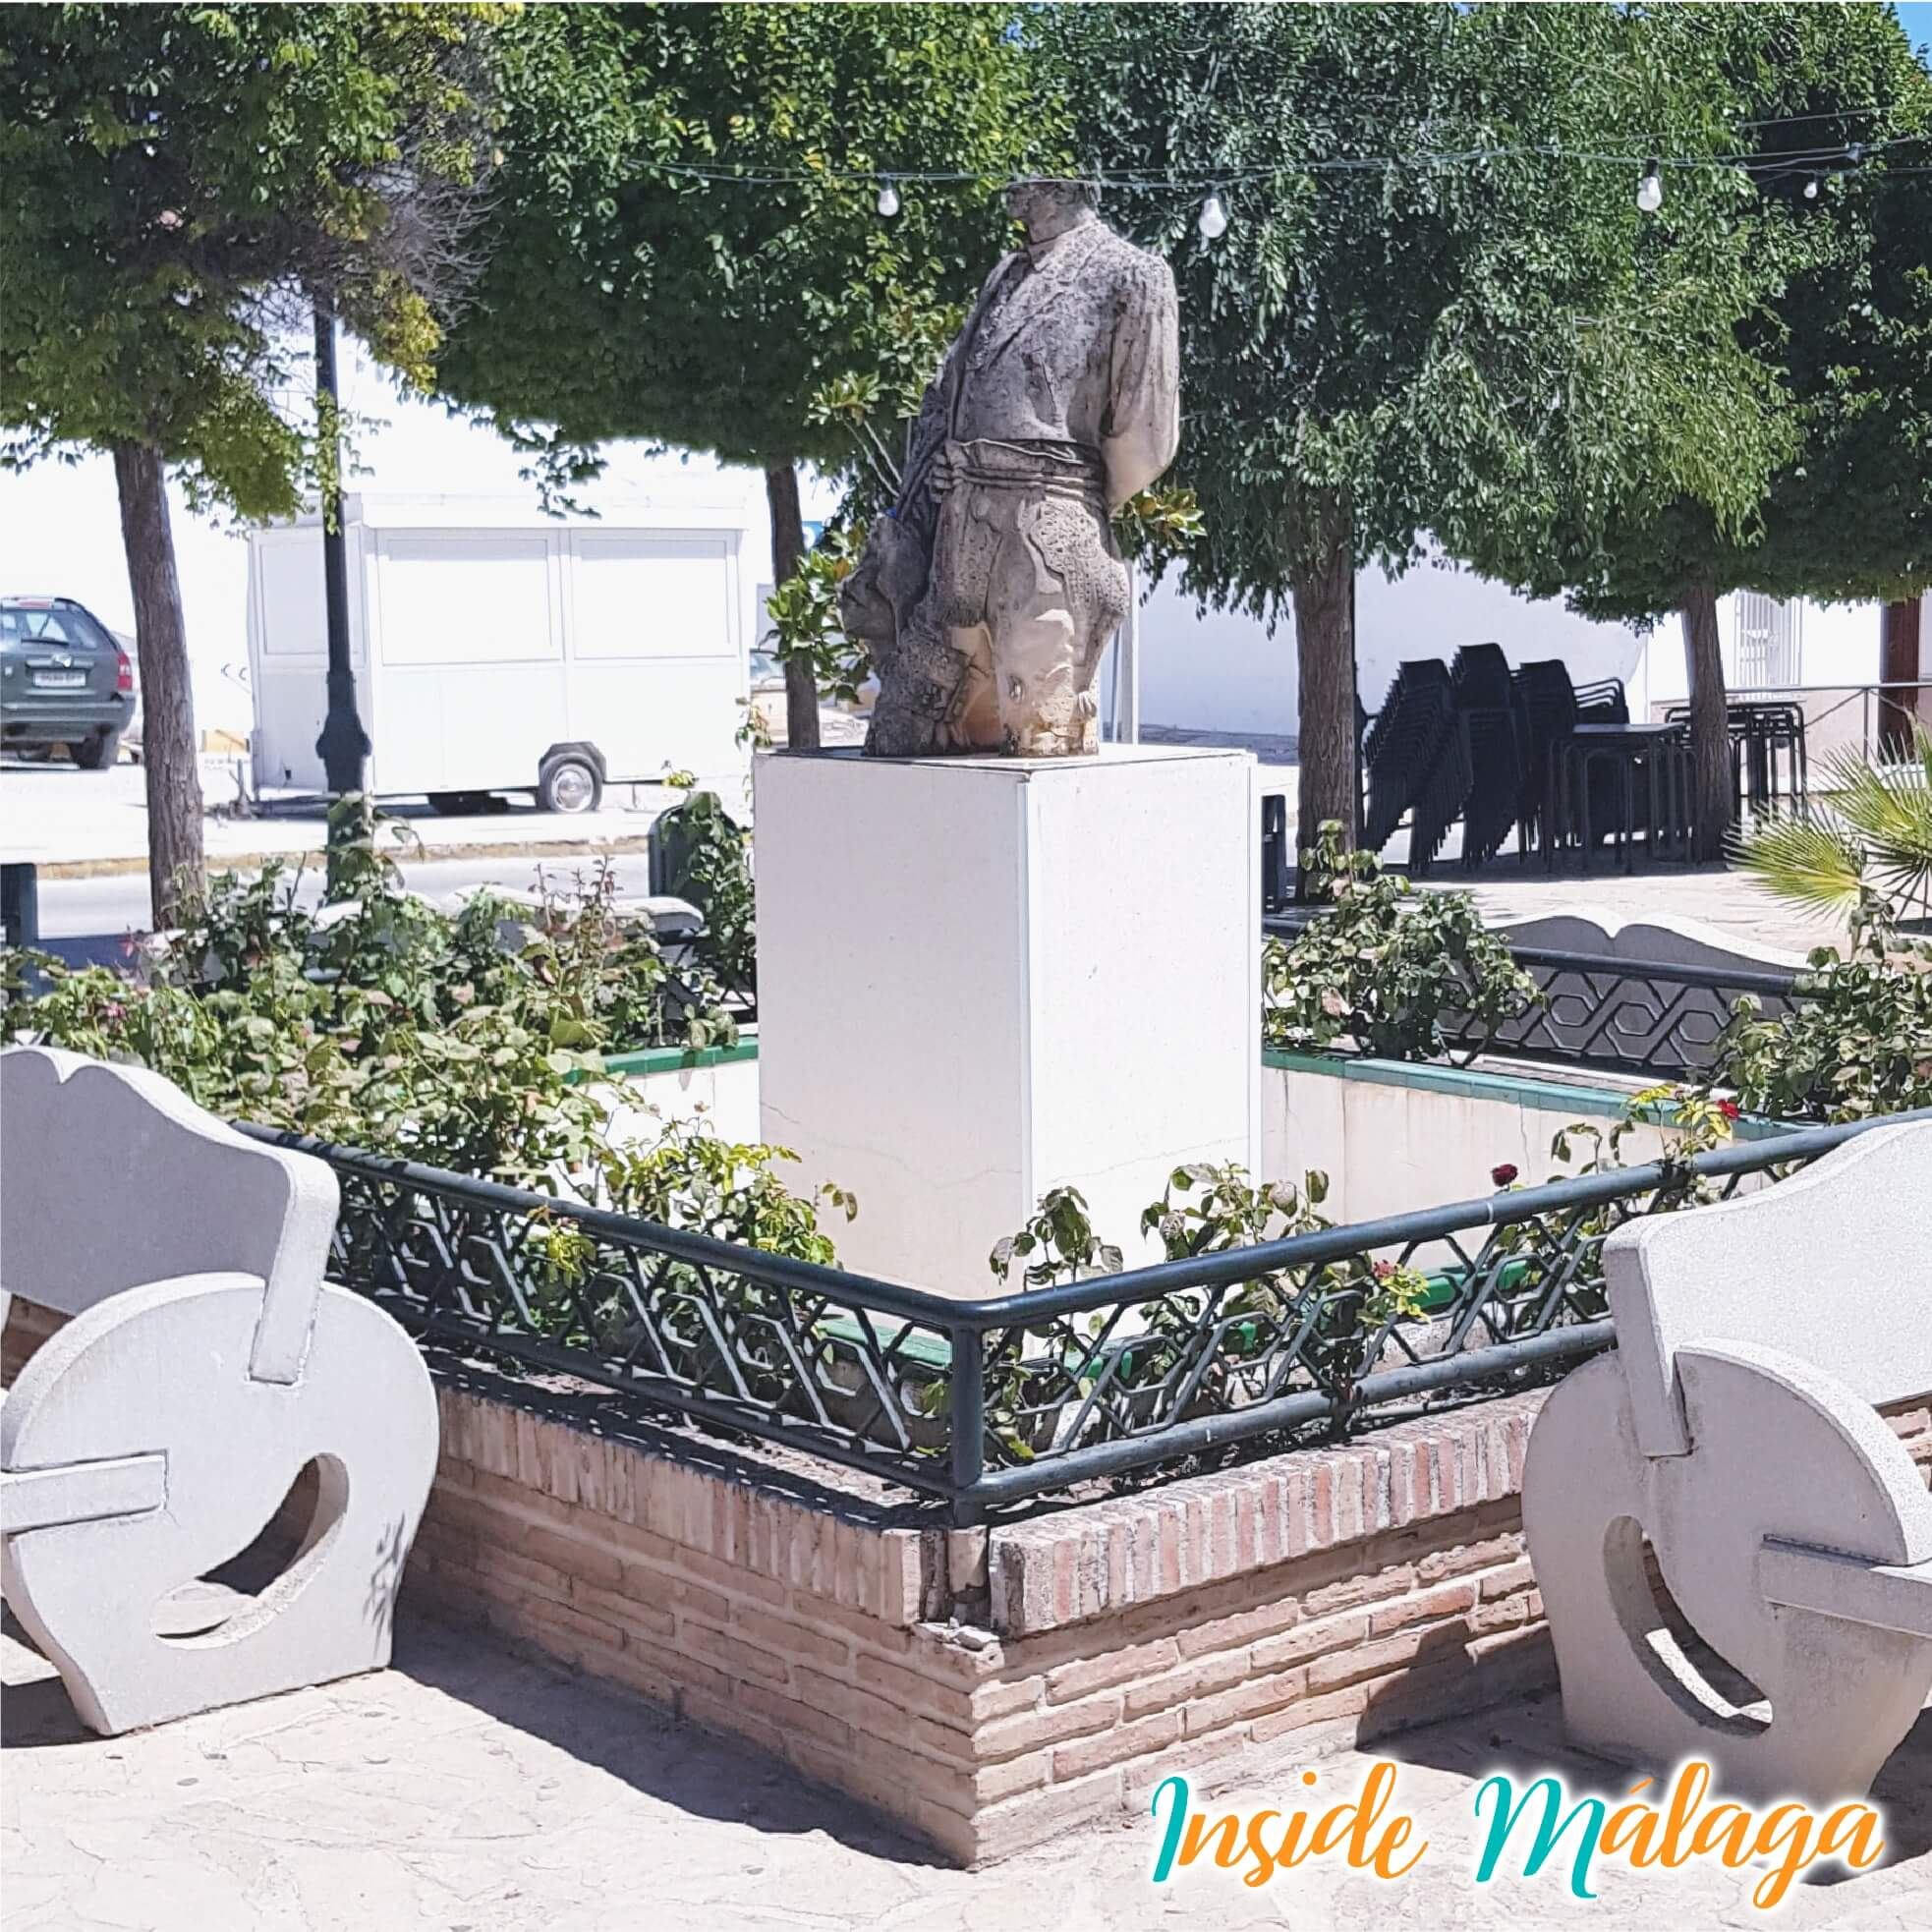 Square Sculpter Miguel Berrocal Villanueva de Algaidas Malaga